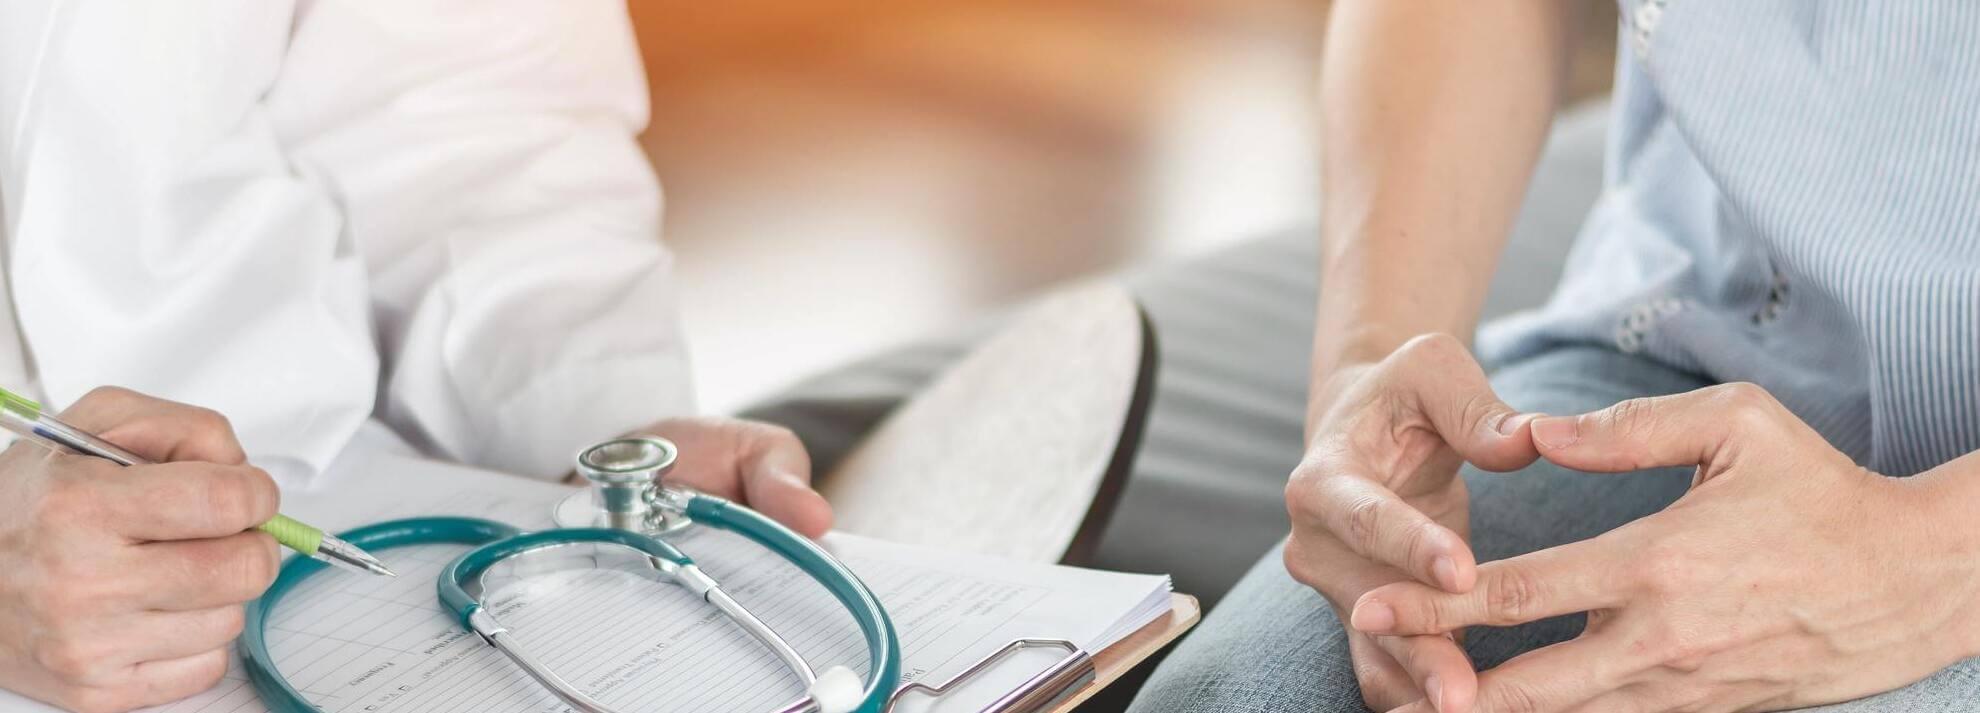 当院の性感染症検査について